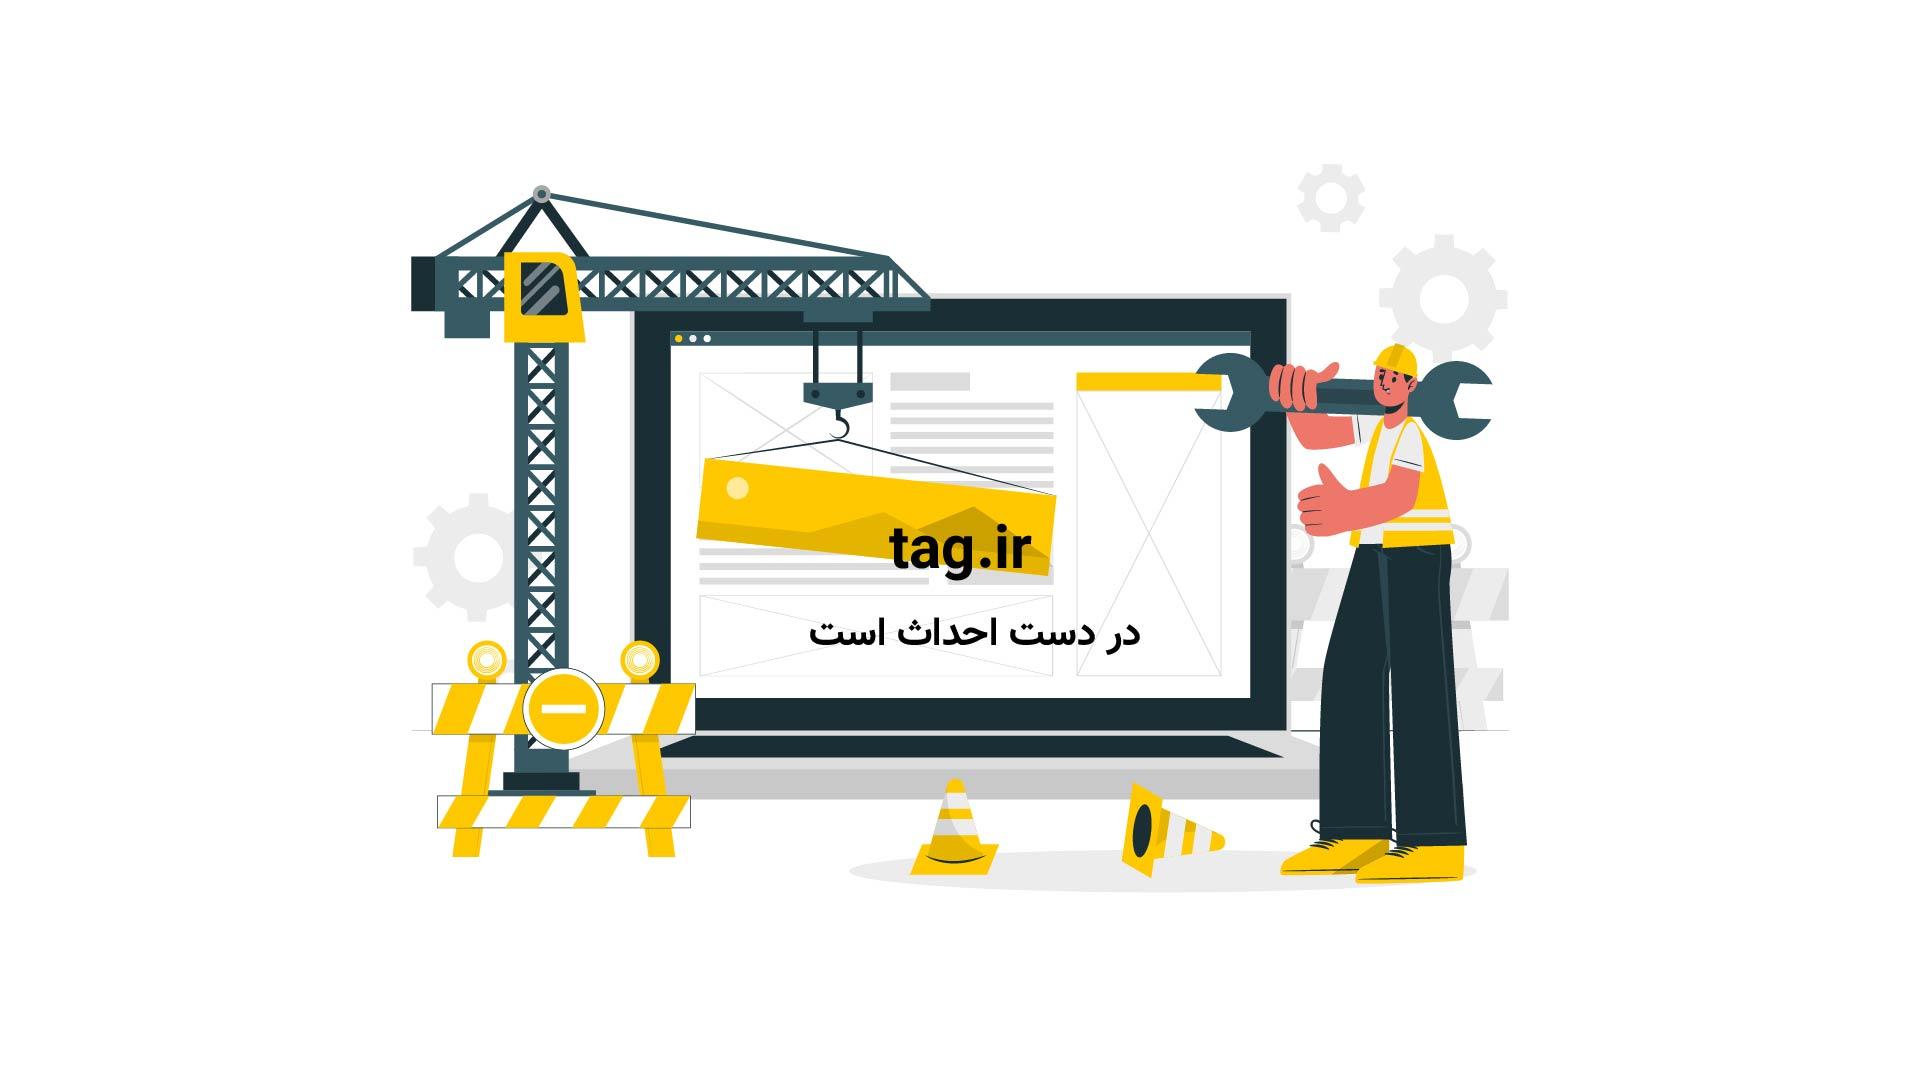 ۲۰ کشته و ۲۳ زخمی در حادثه واژگونی اتوبوس در محور سواد کوه | فیلم